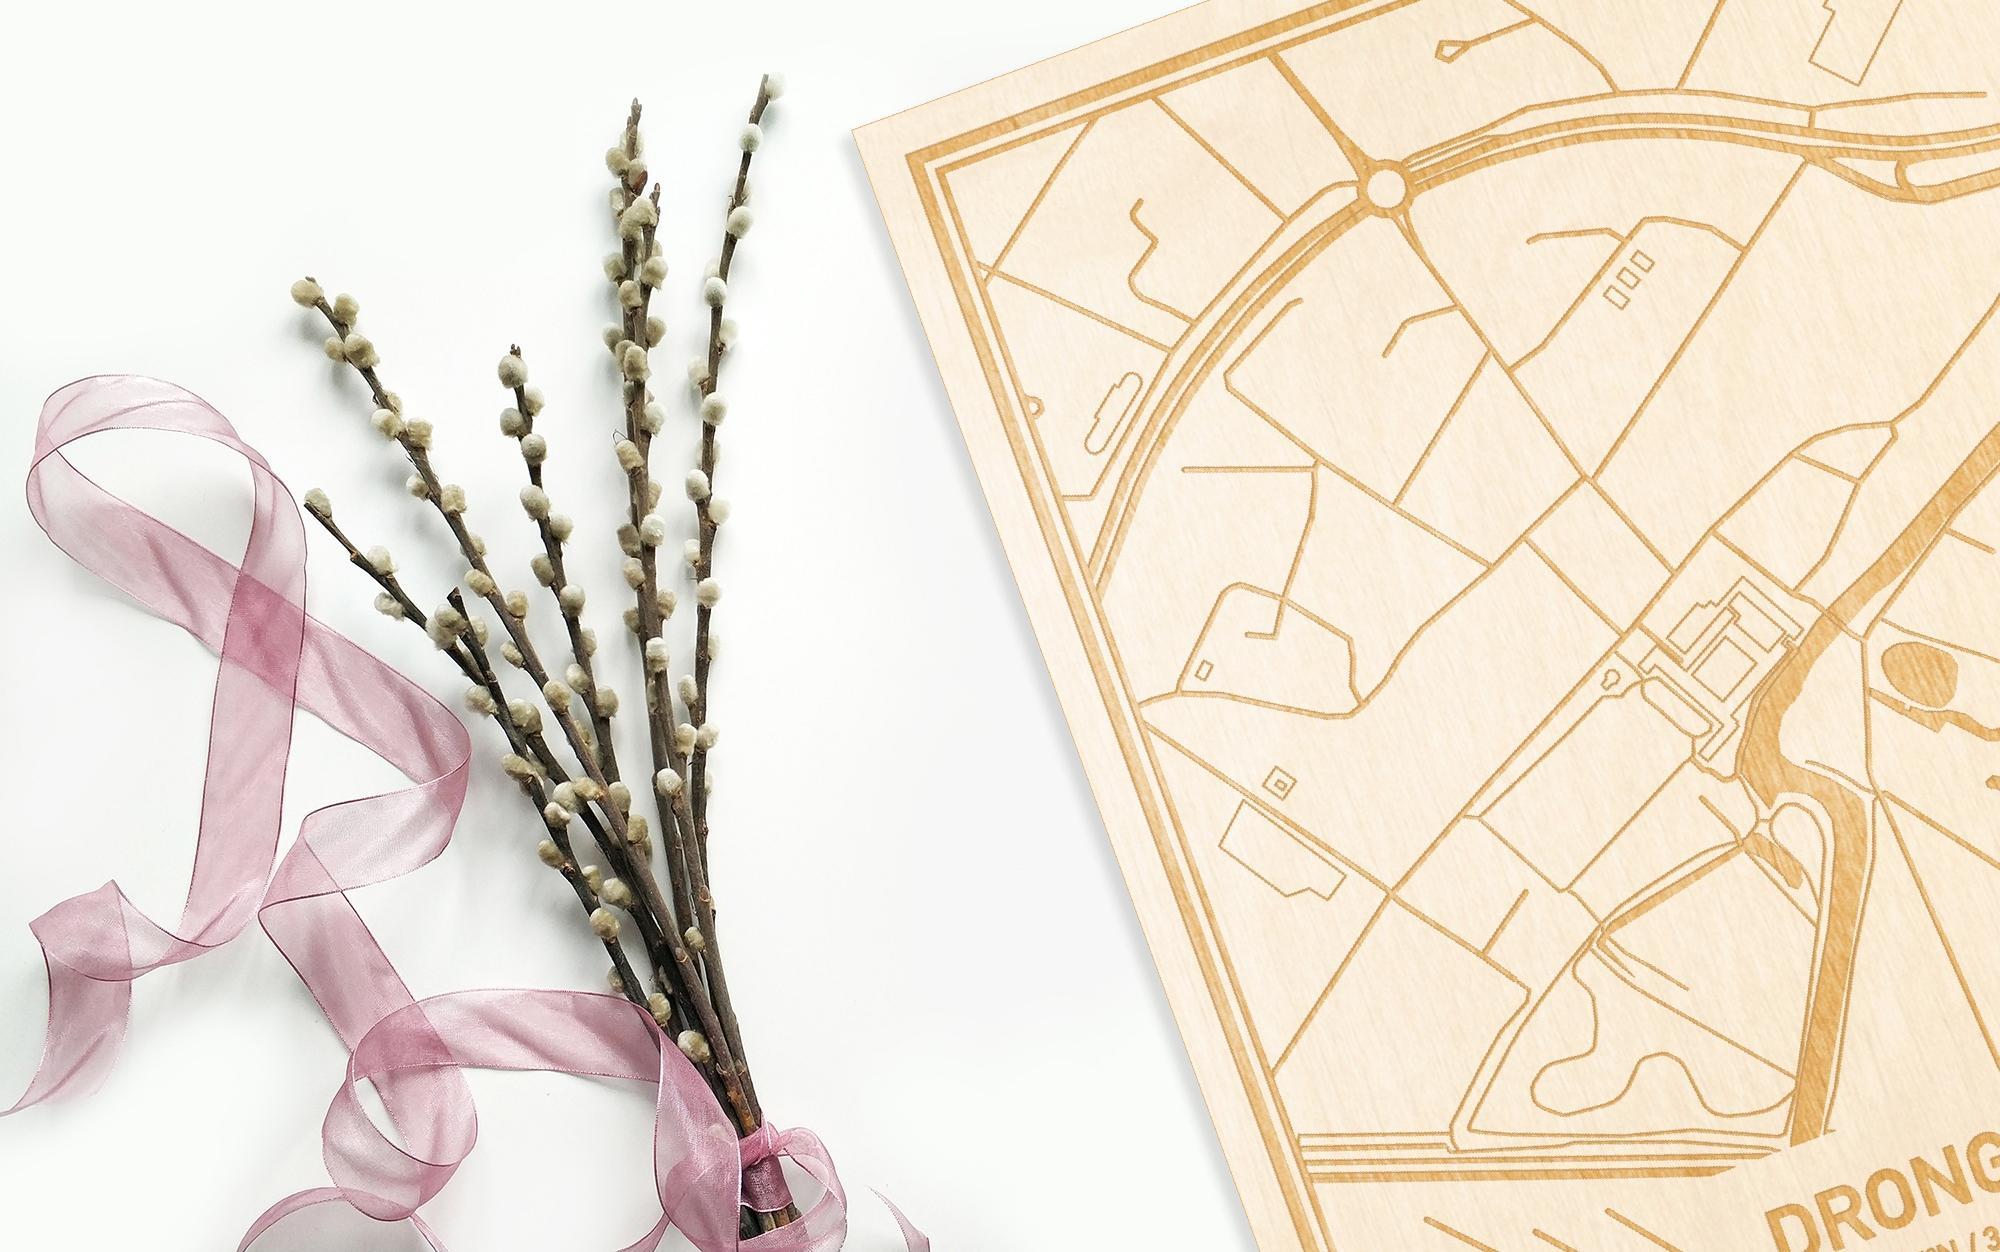 Hier ligt de houten plattegrond Drongen naast een bloemetje als gepersonaliseerd cadeau voor haar.